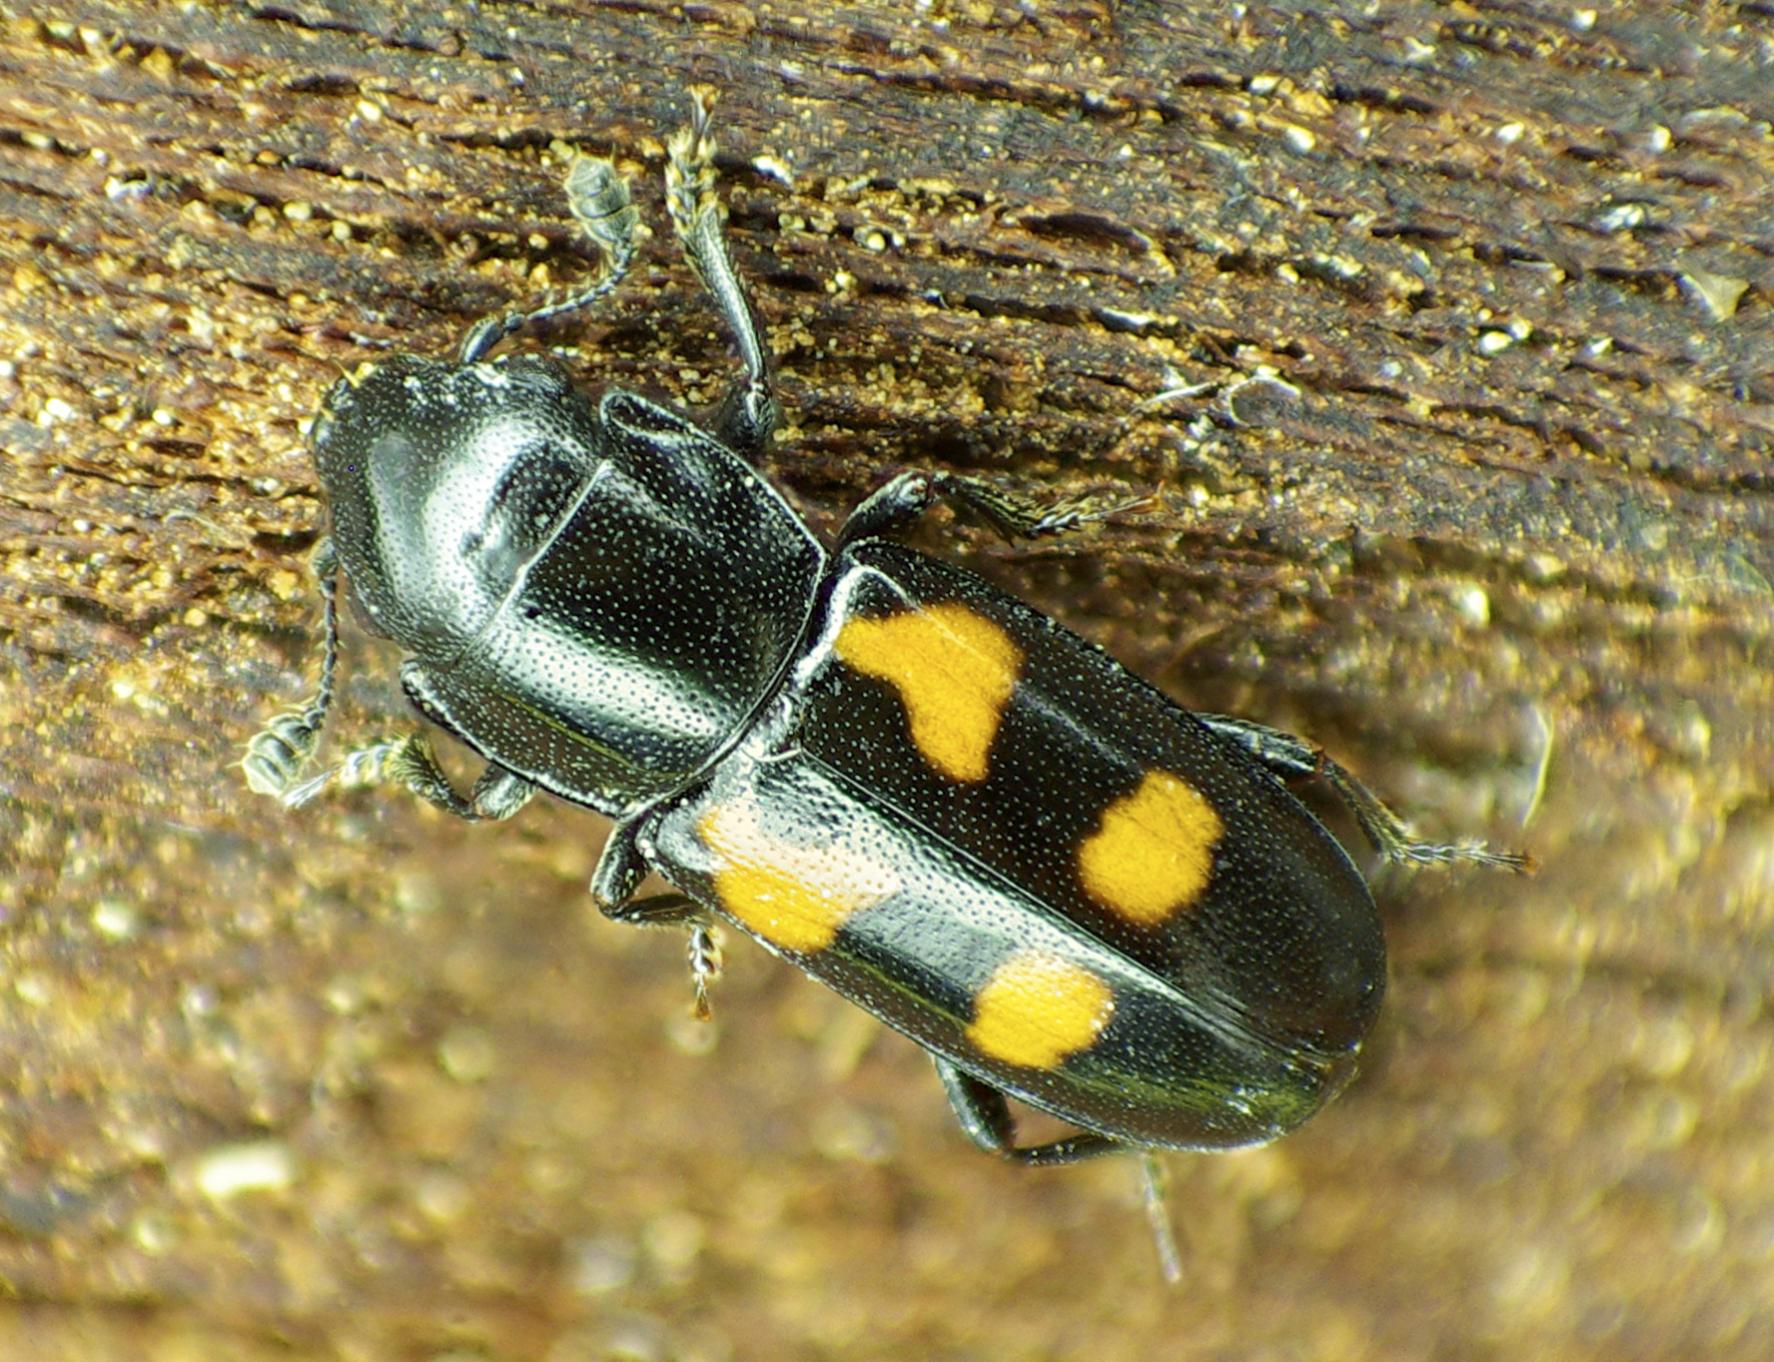 Glischrochilus quadripunctatus  , a fungivorous sap beetle that enhances saprotrophic fungi.